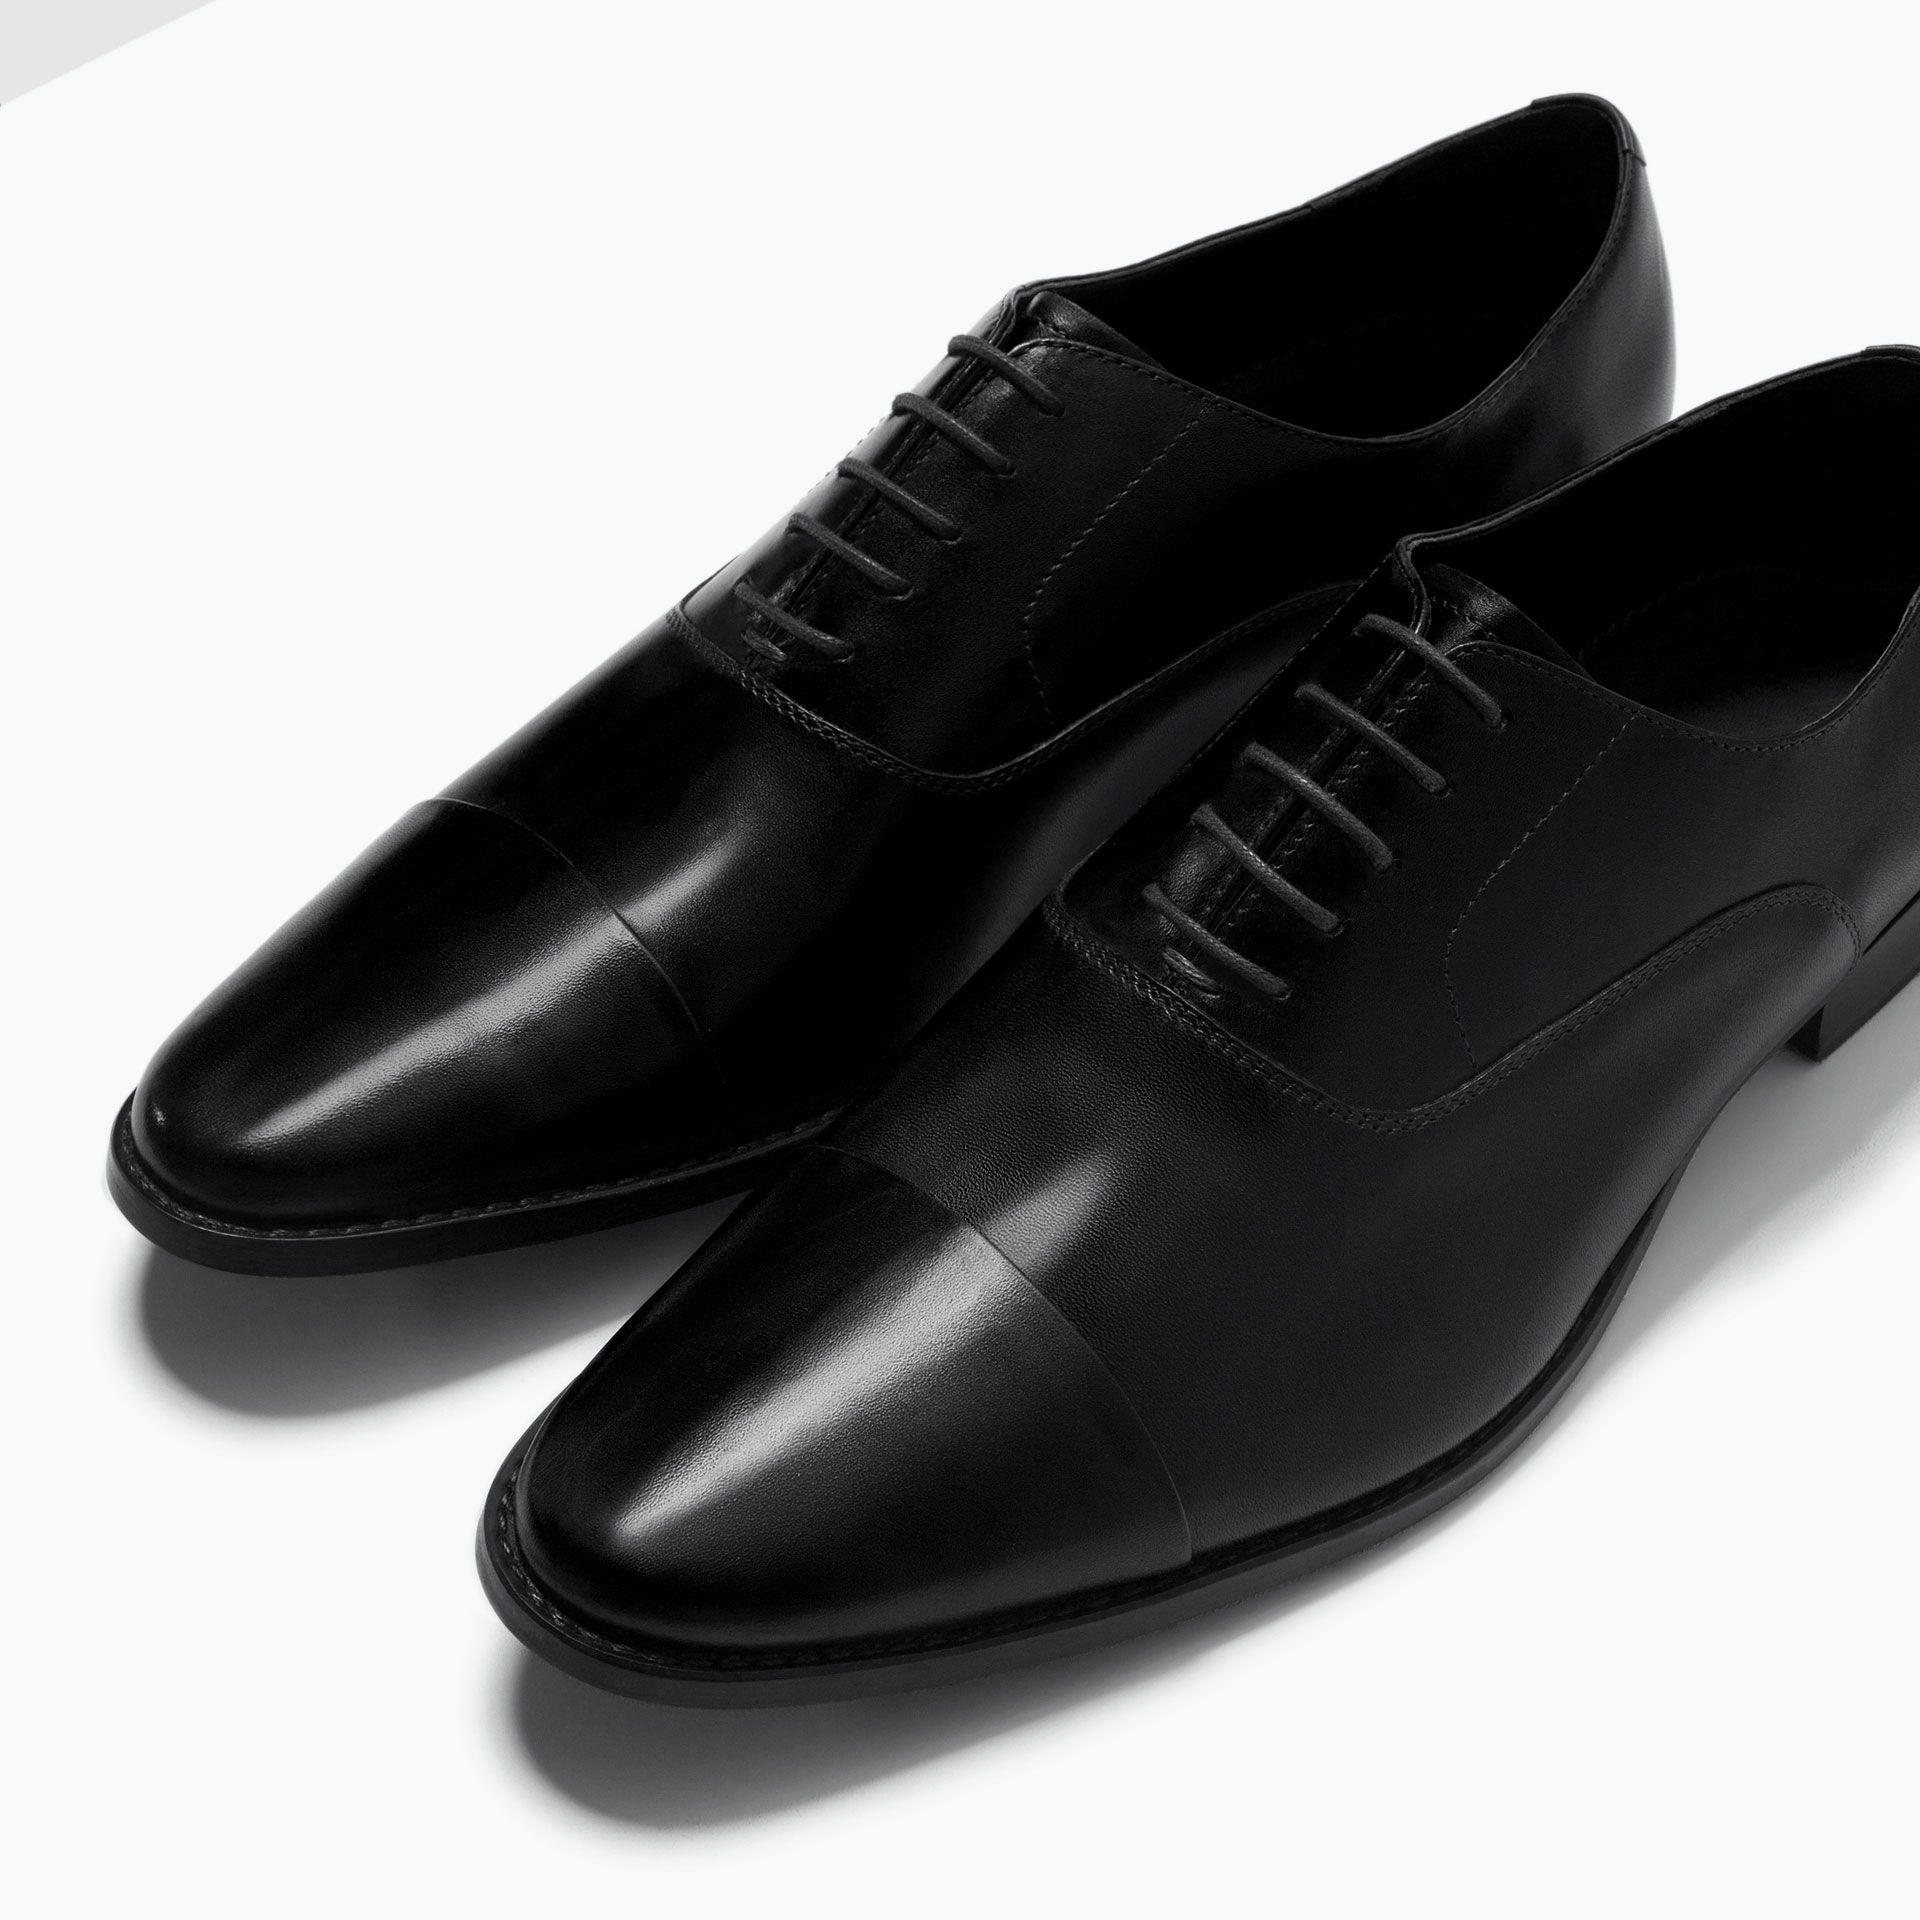 ZAPATO INGLÉS PIEL VESTIR - Ver todo - Zapatos - HOMBRE  f105e39f55c3d